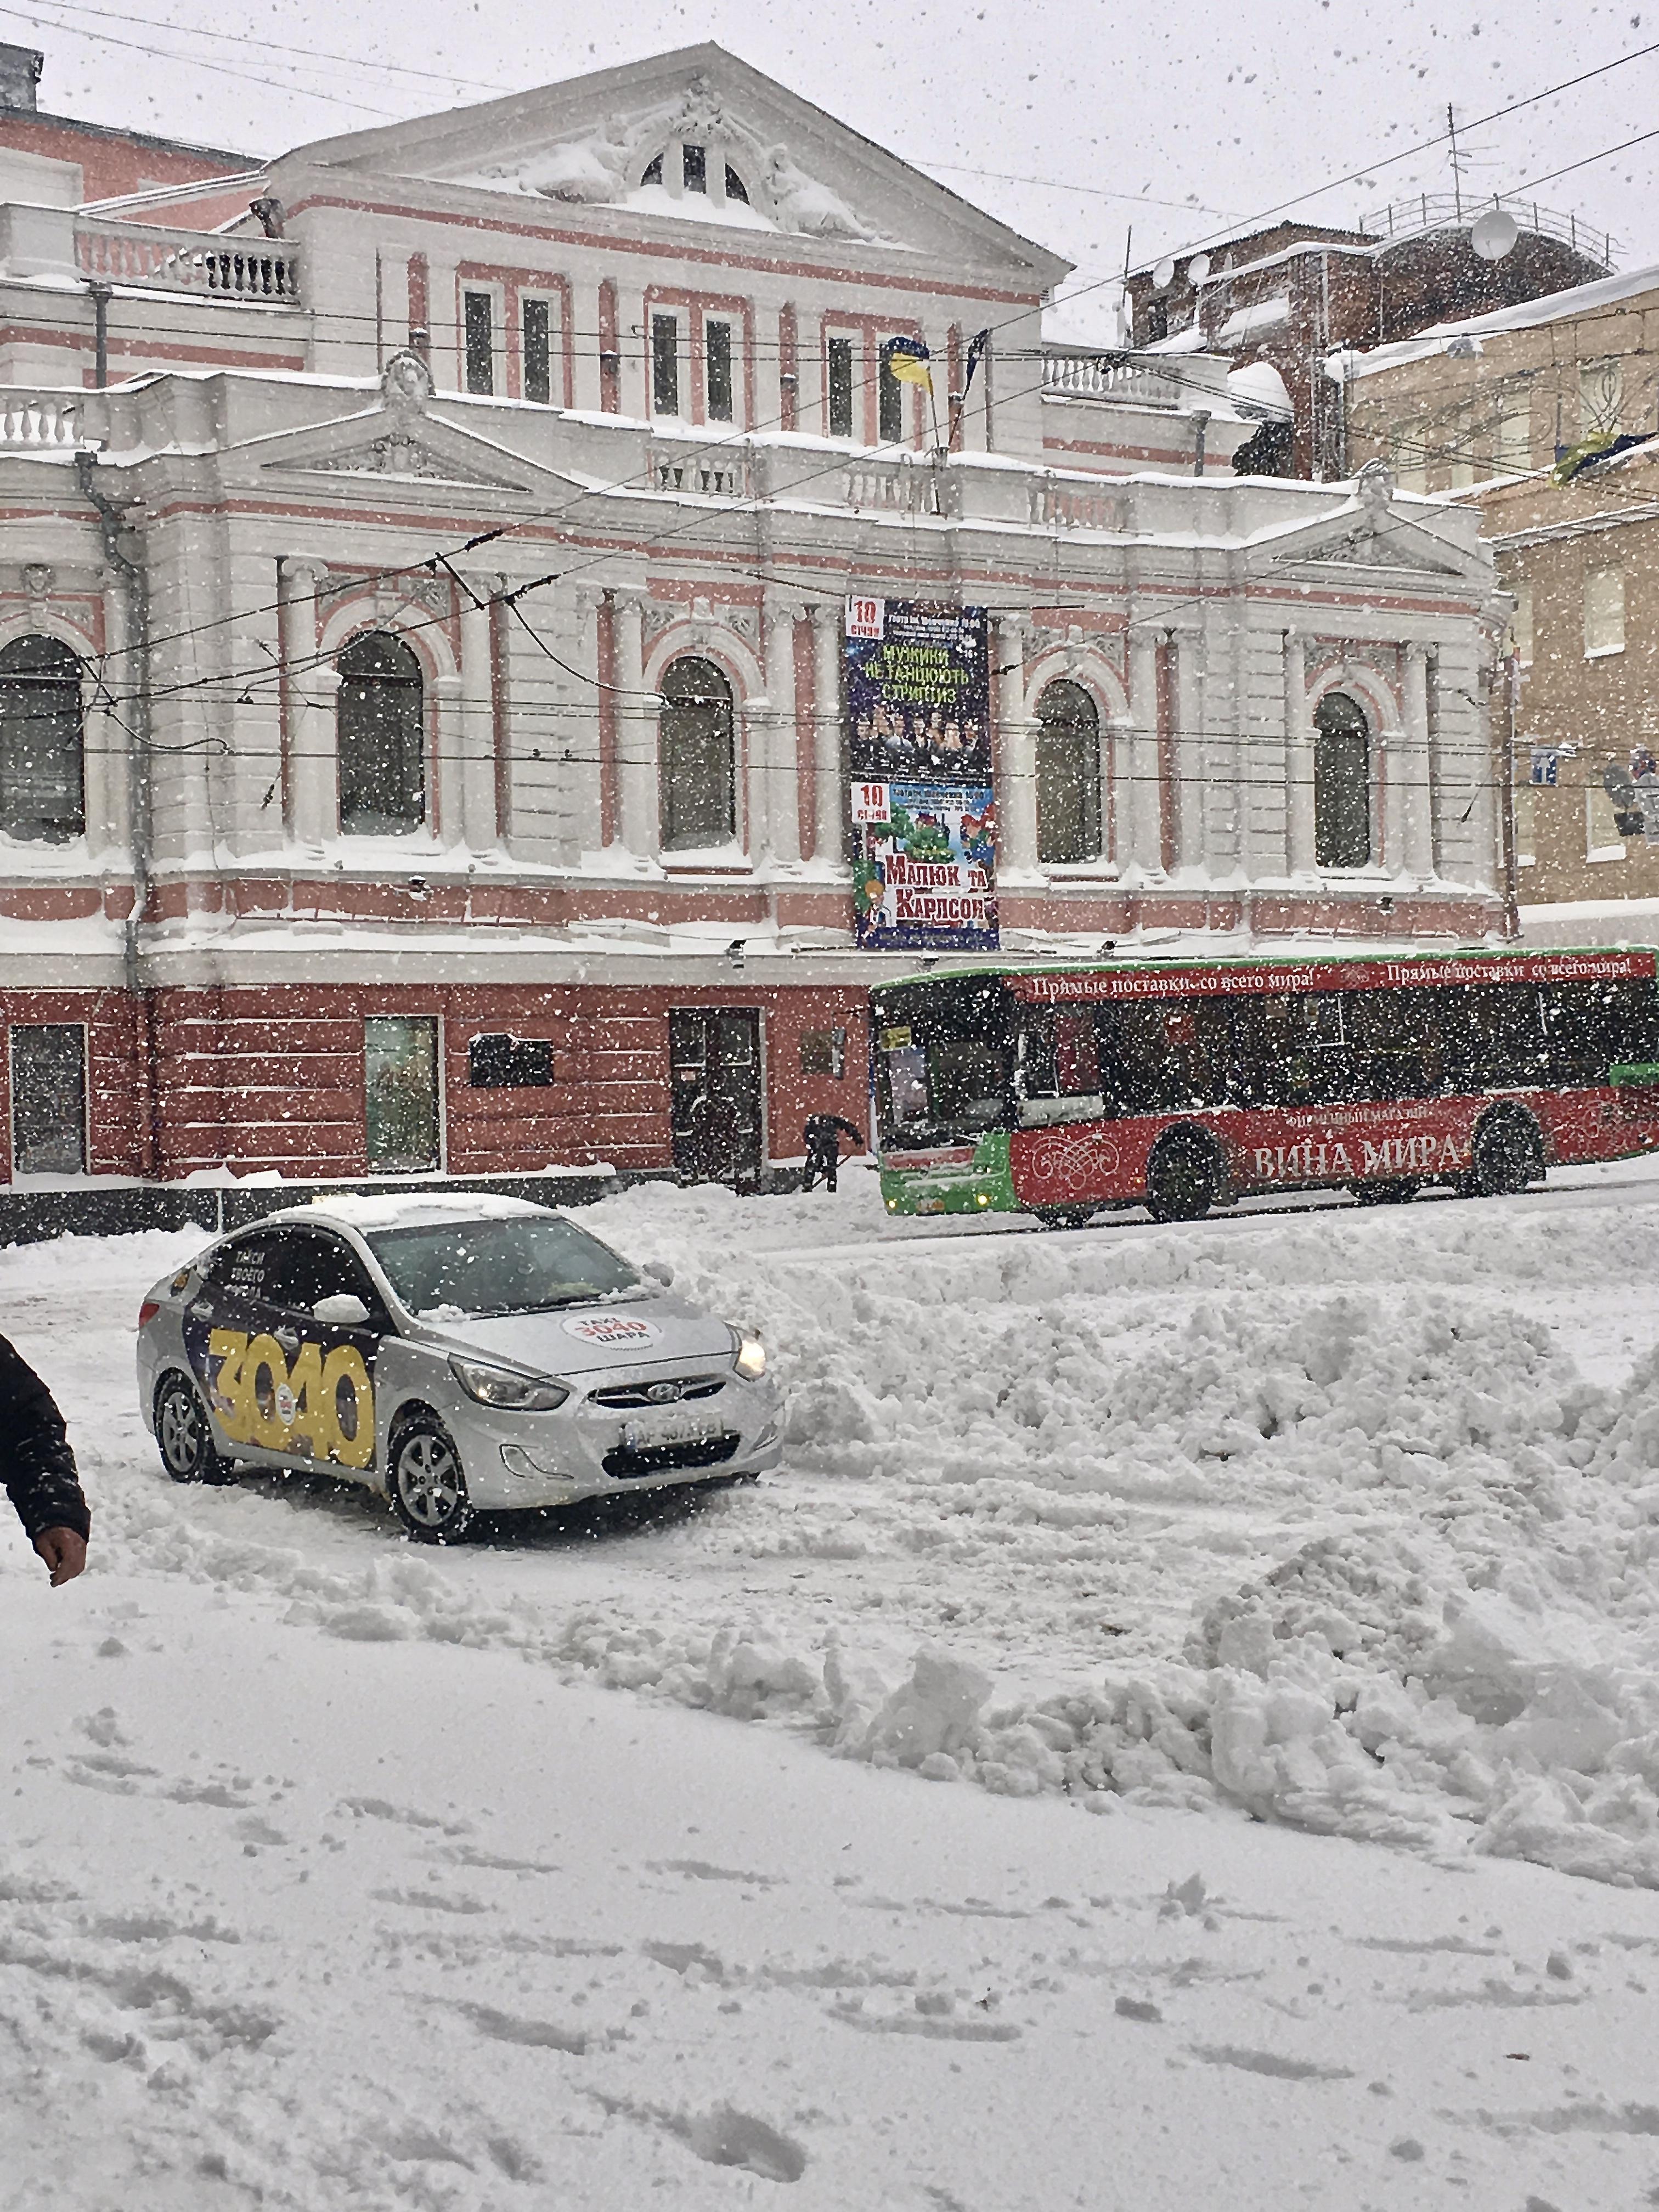 Sumska Street, Kharkiv